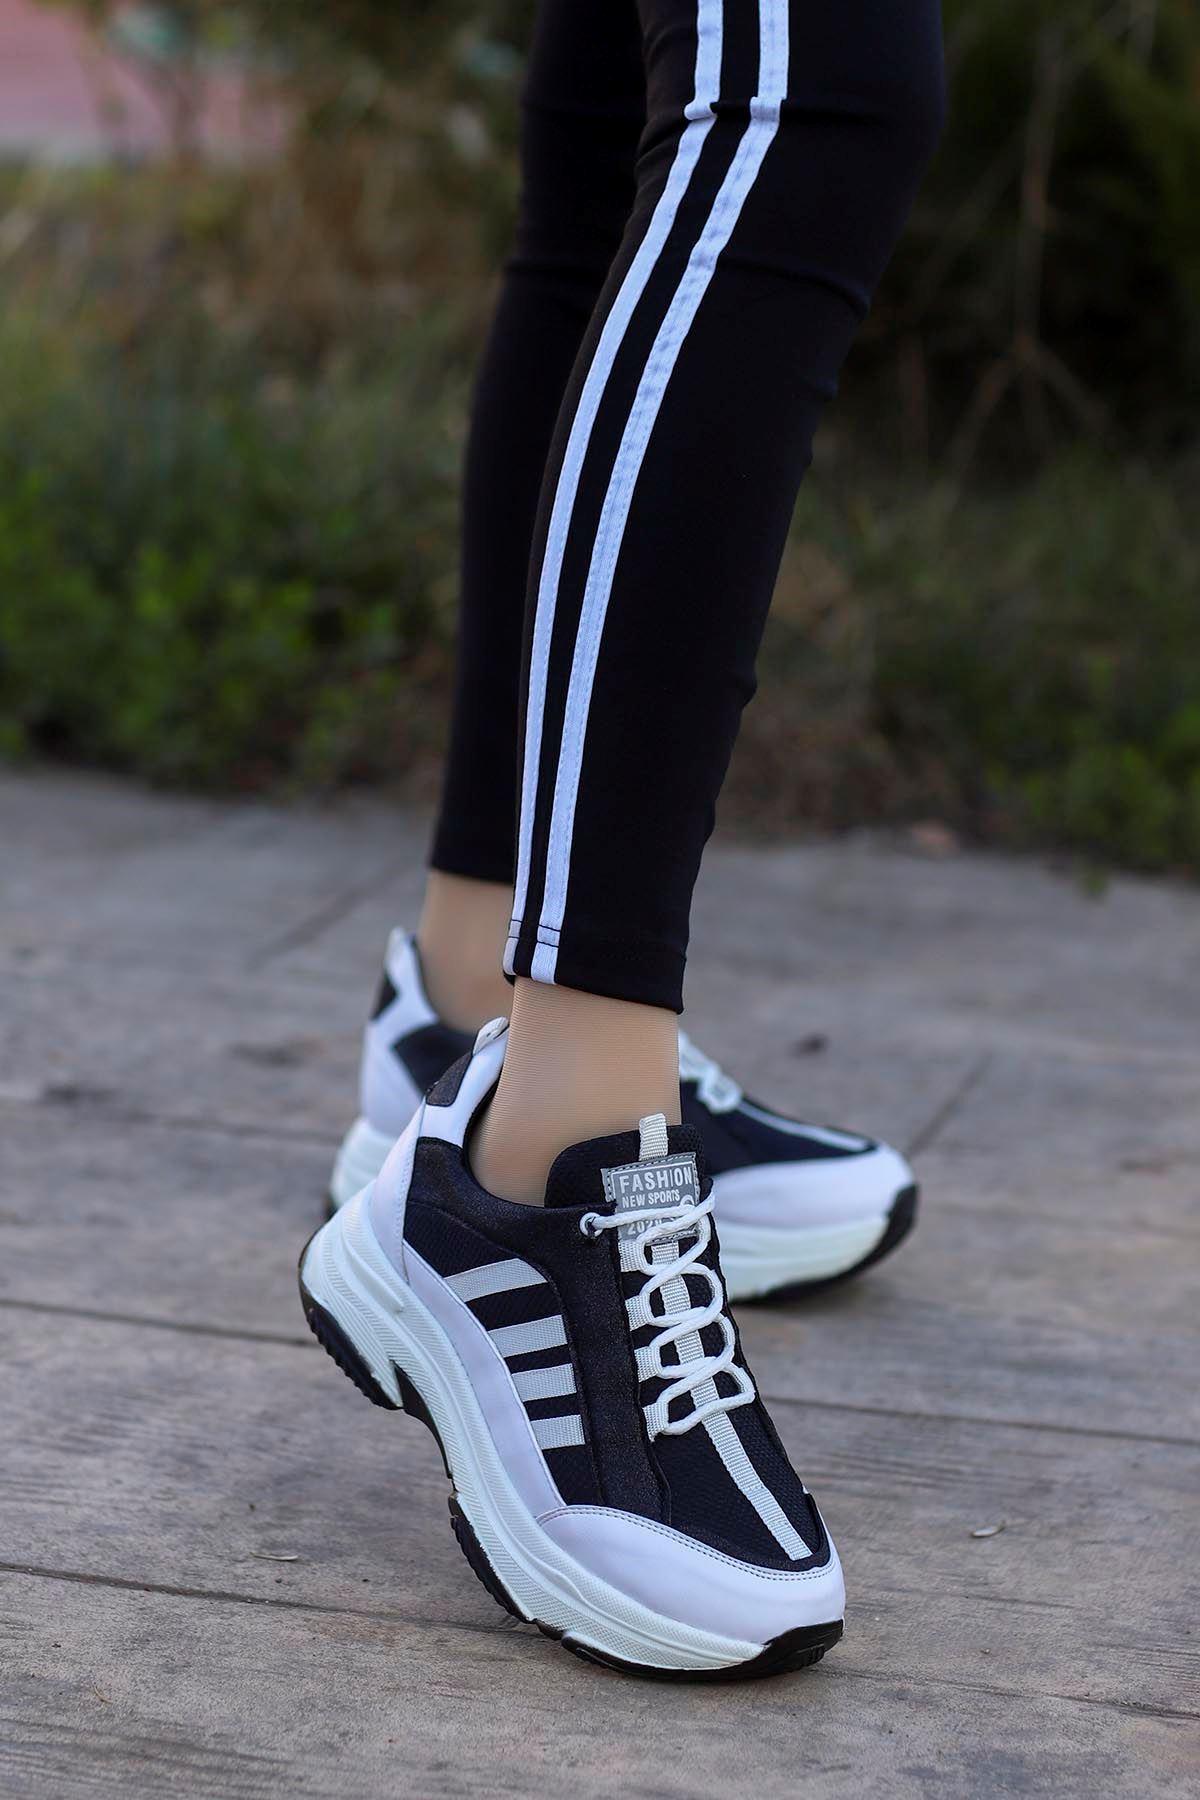 Frm-960 Fashion Spor Ayakkabı Siyah